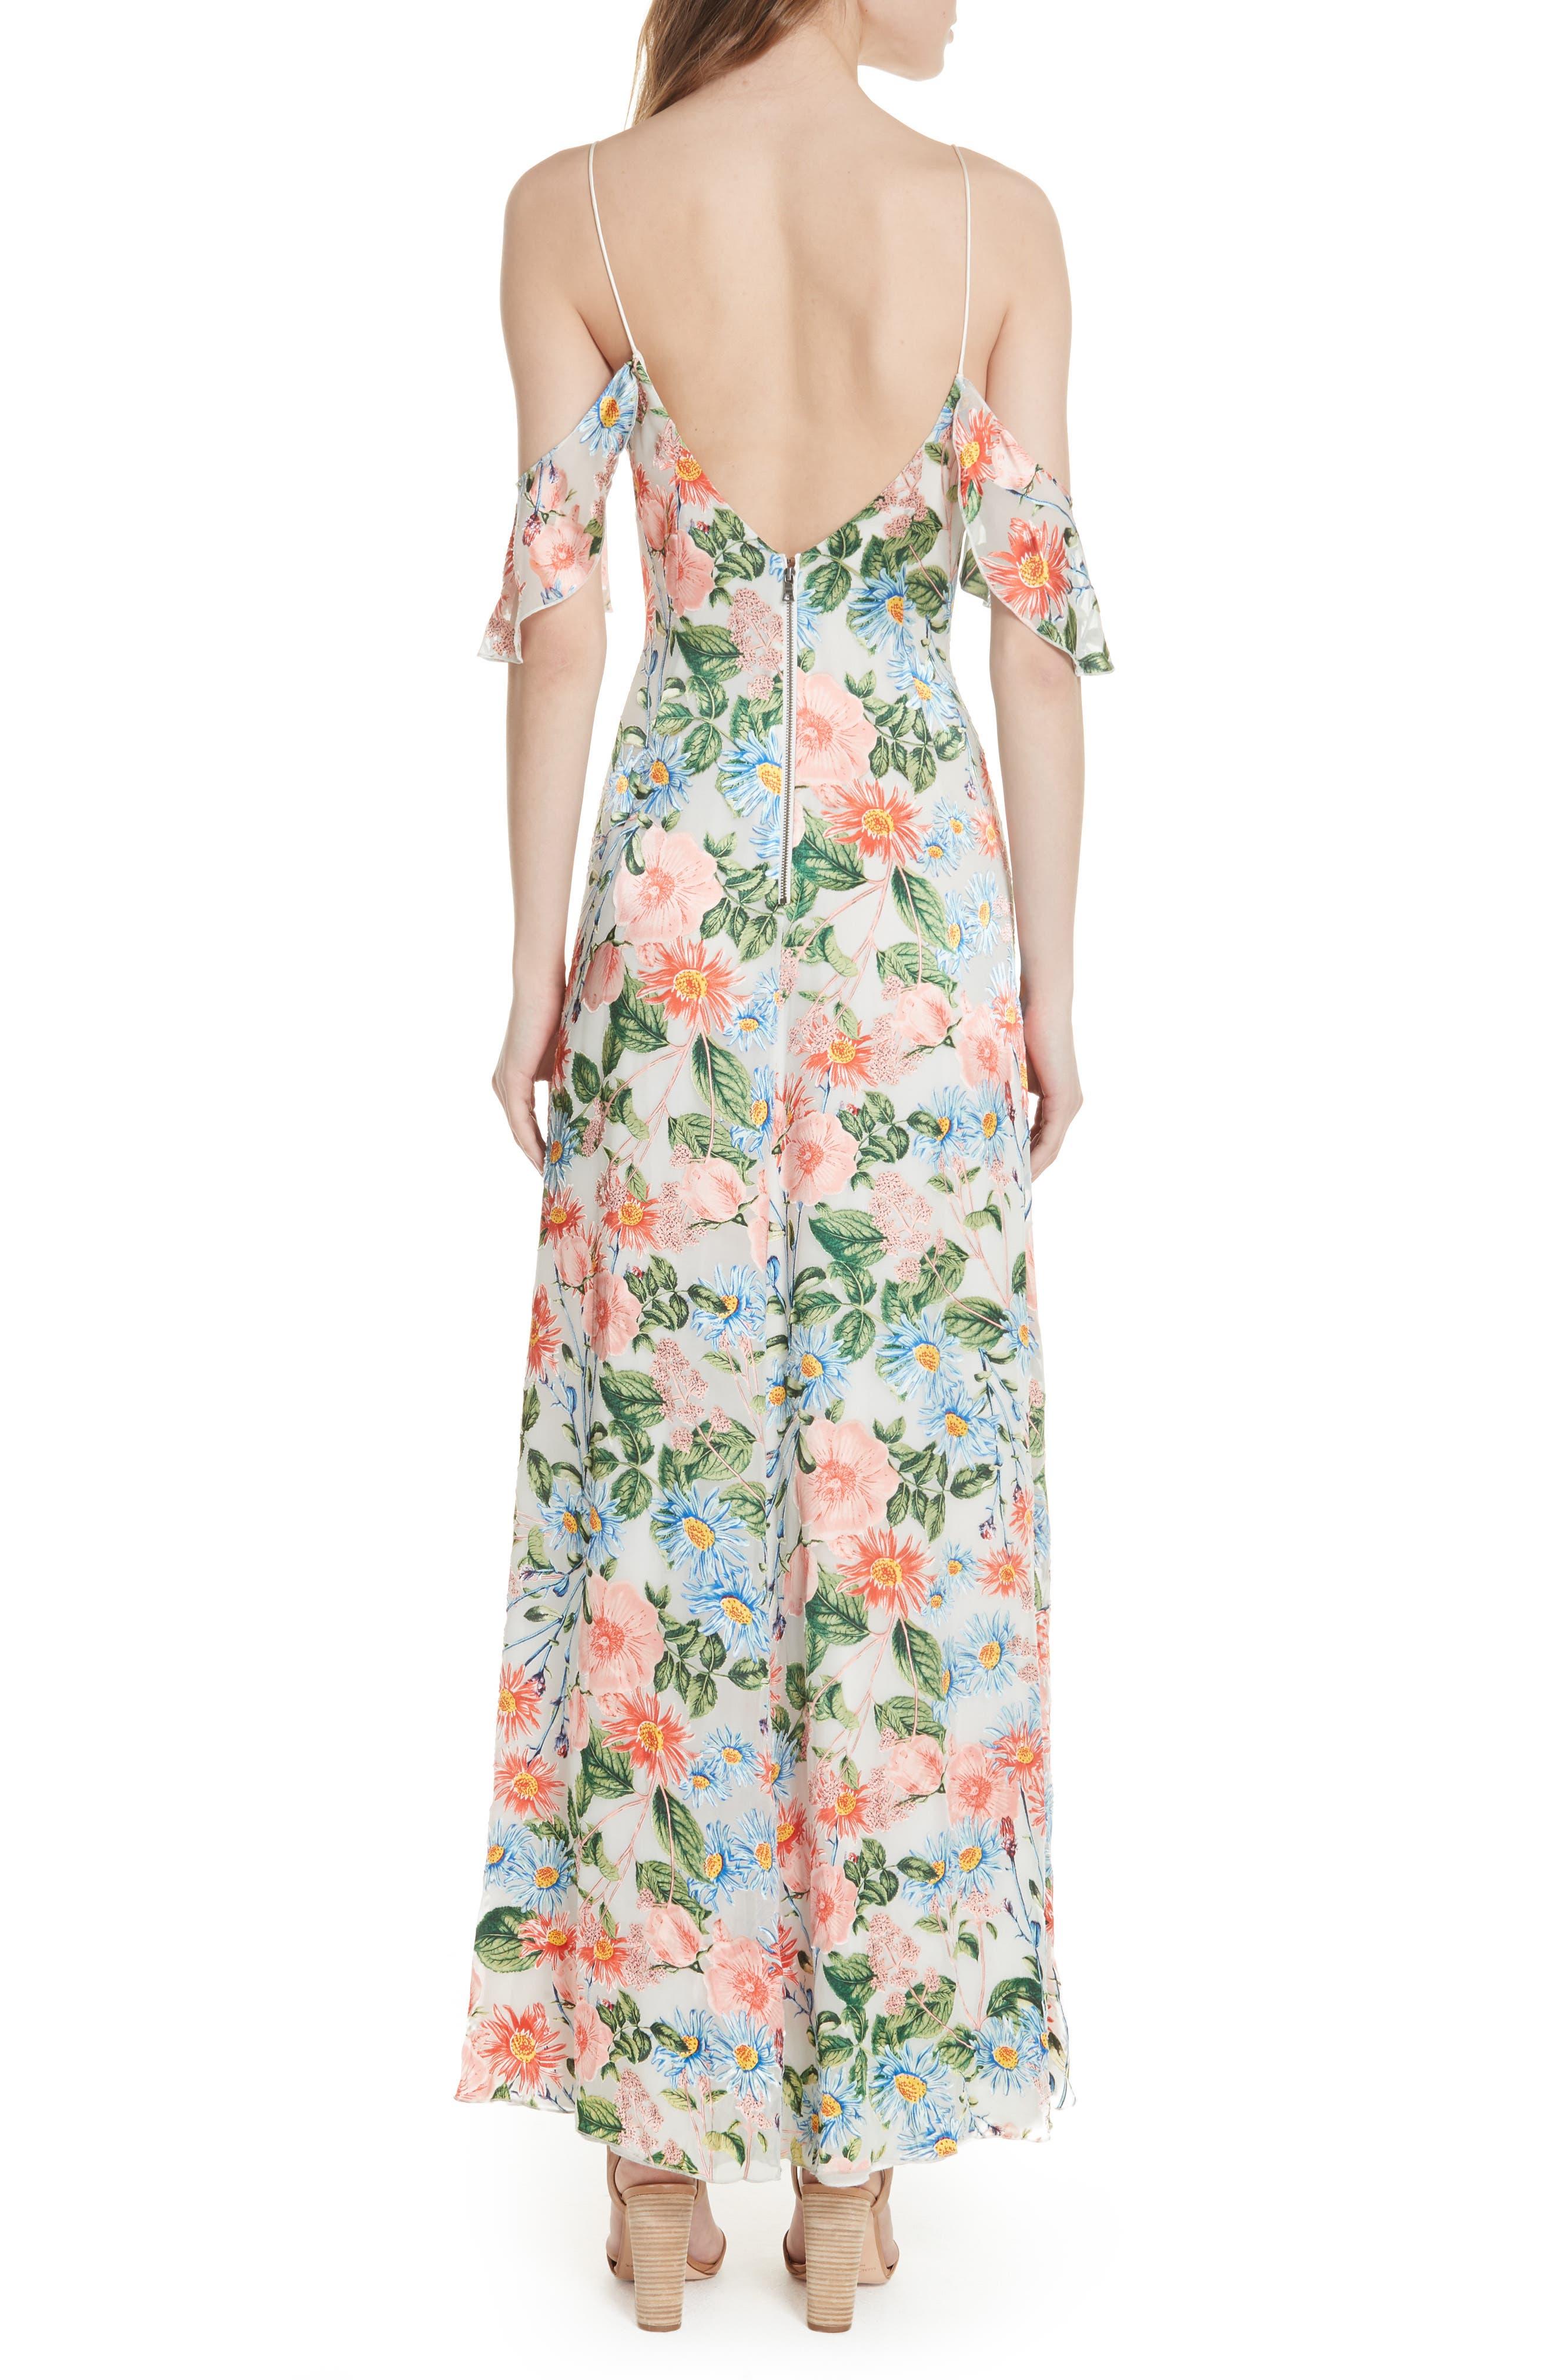 Alves Floral Cold Shoulder Maxi Dress,                             Alternate thumbnail 2, color,                             650